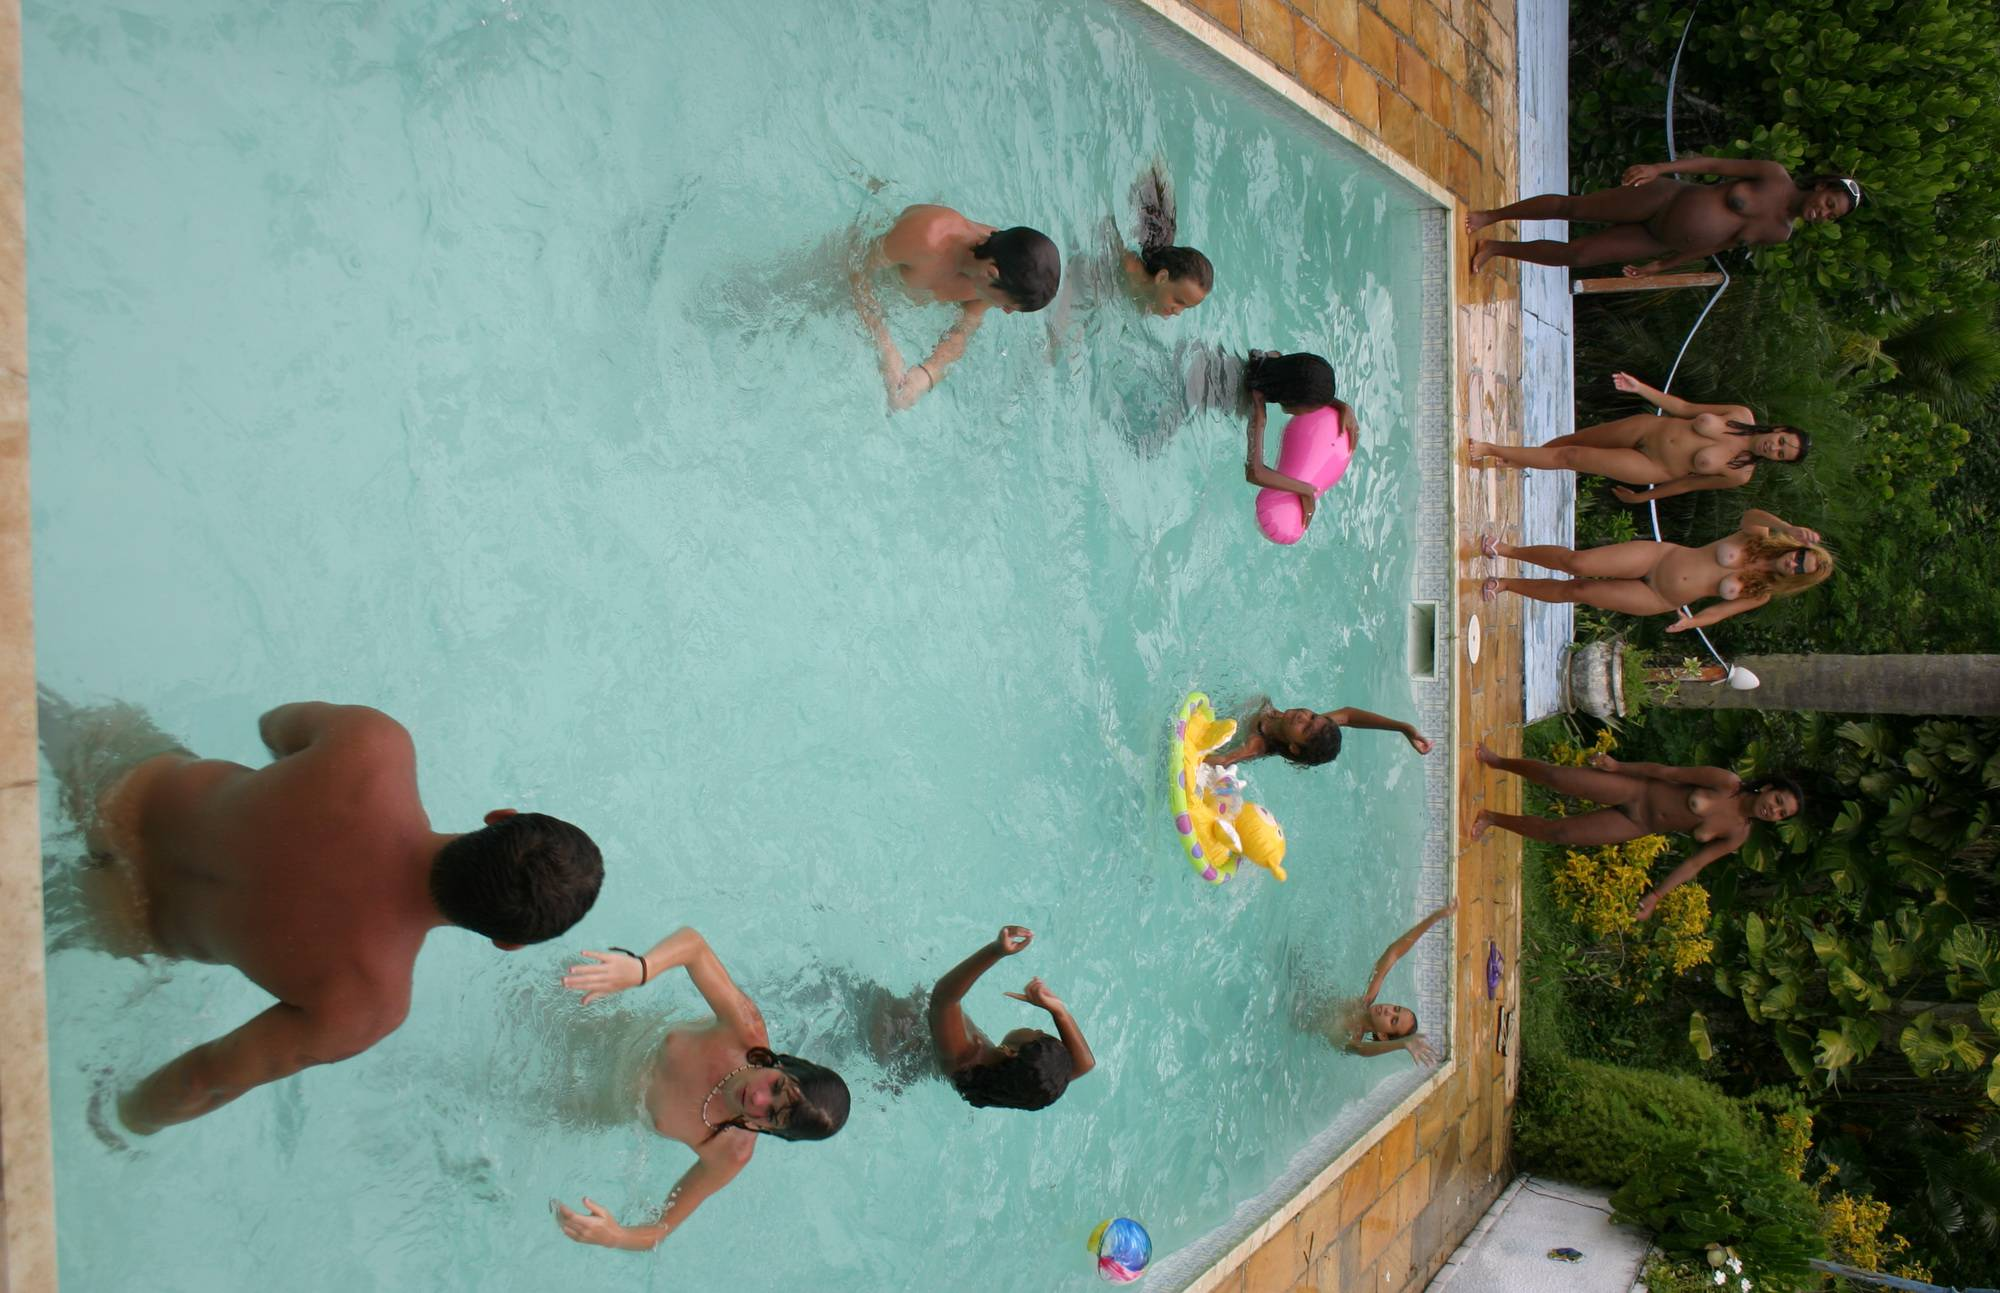 Nudist Pics Naturist Inner-Pool Finale - 1